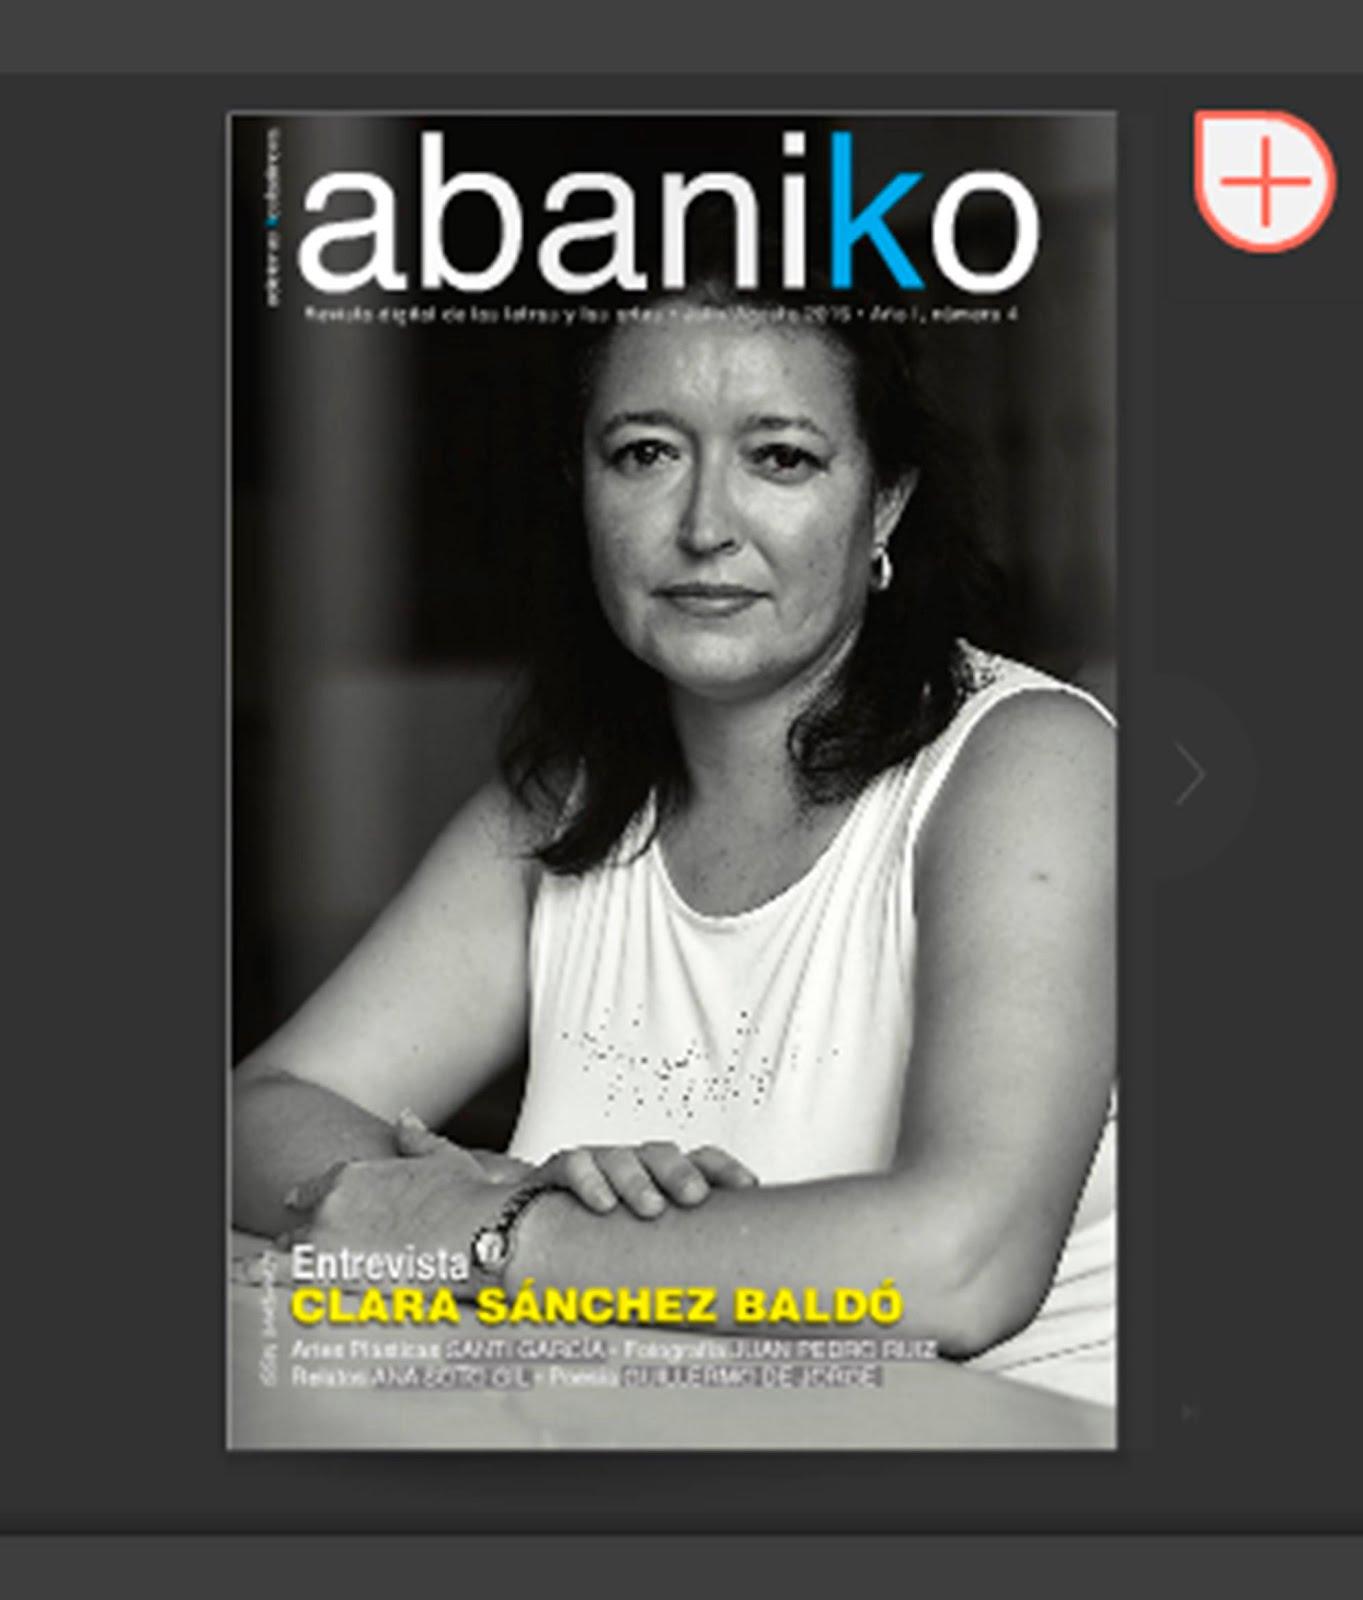 Entrevista a Clara Sánchez Baldó, Presidenta de Gestiona Cultura Murcia